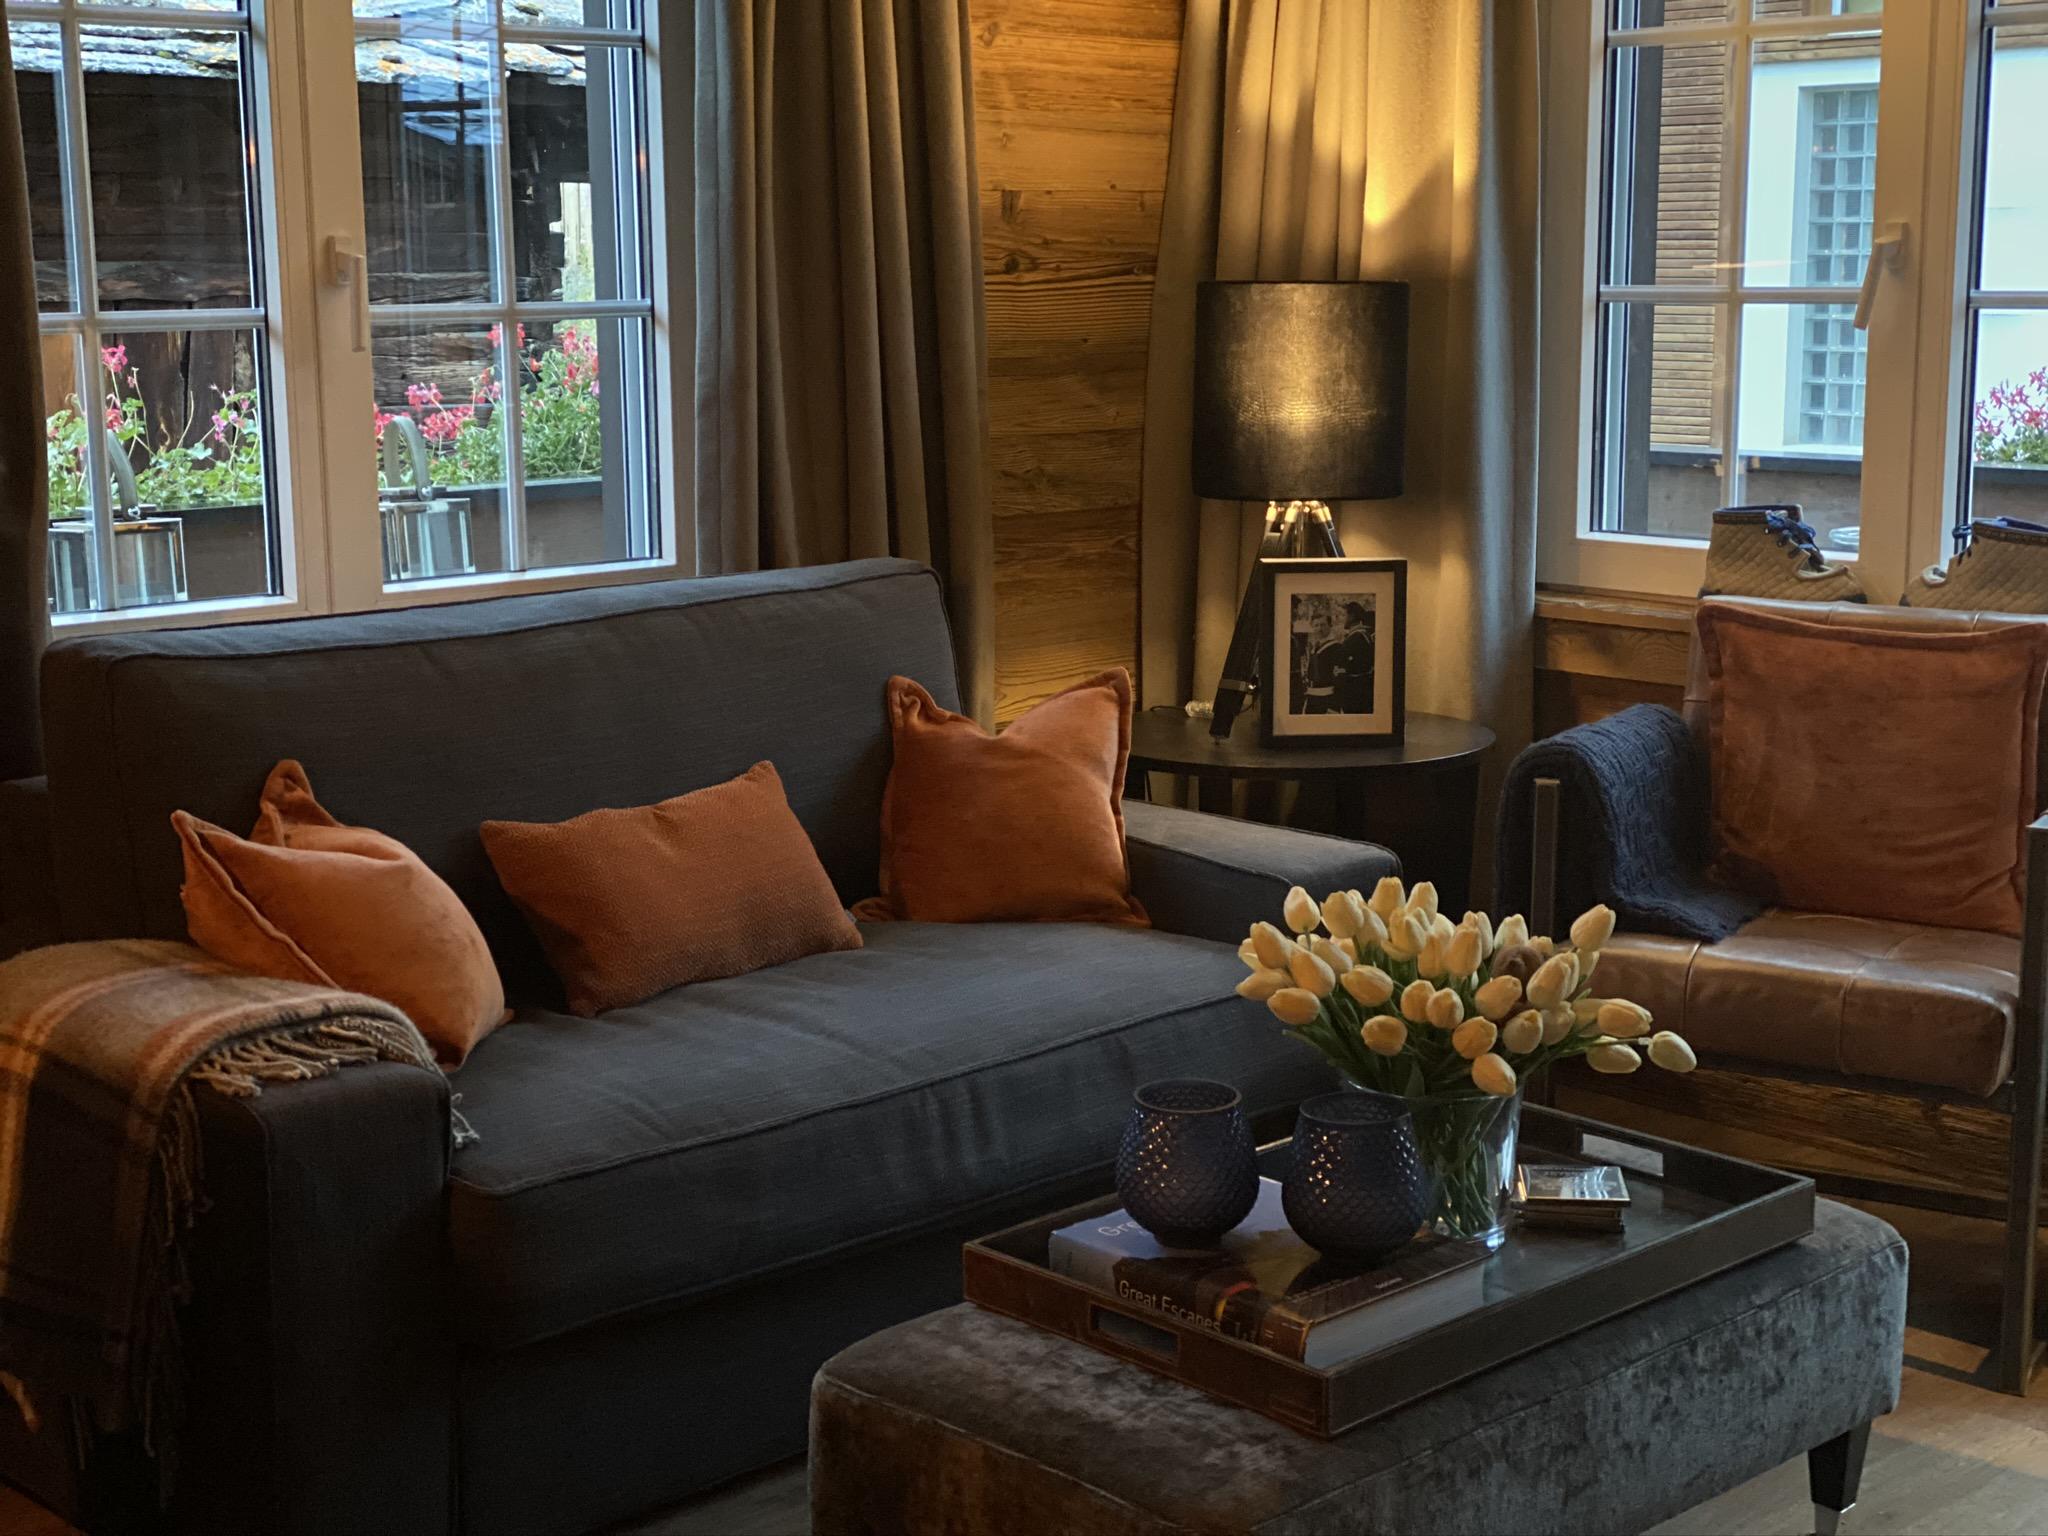 Birger Ruud Suite - 60 sq.m., 1 bedroom, 4 people, second floor